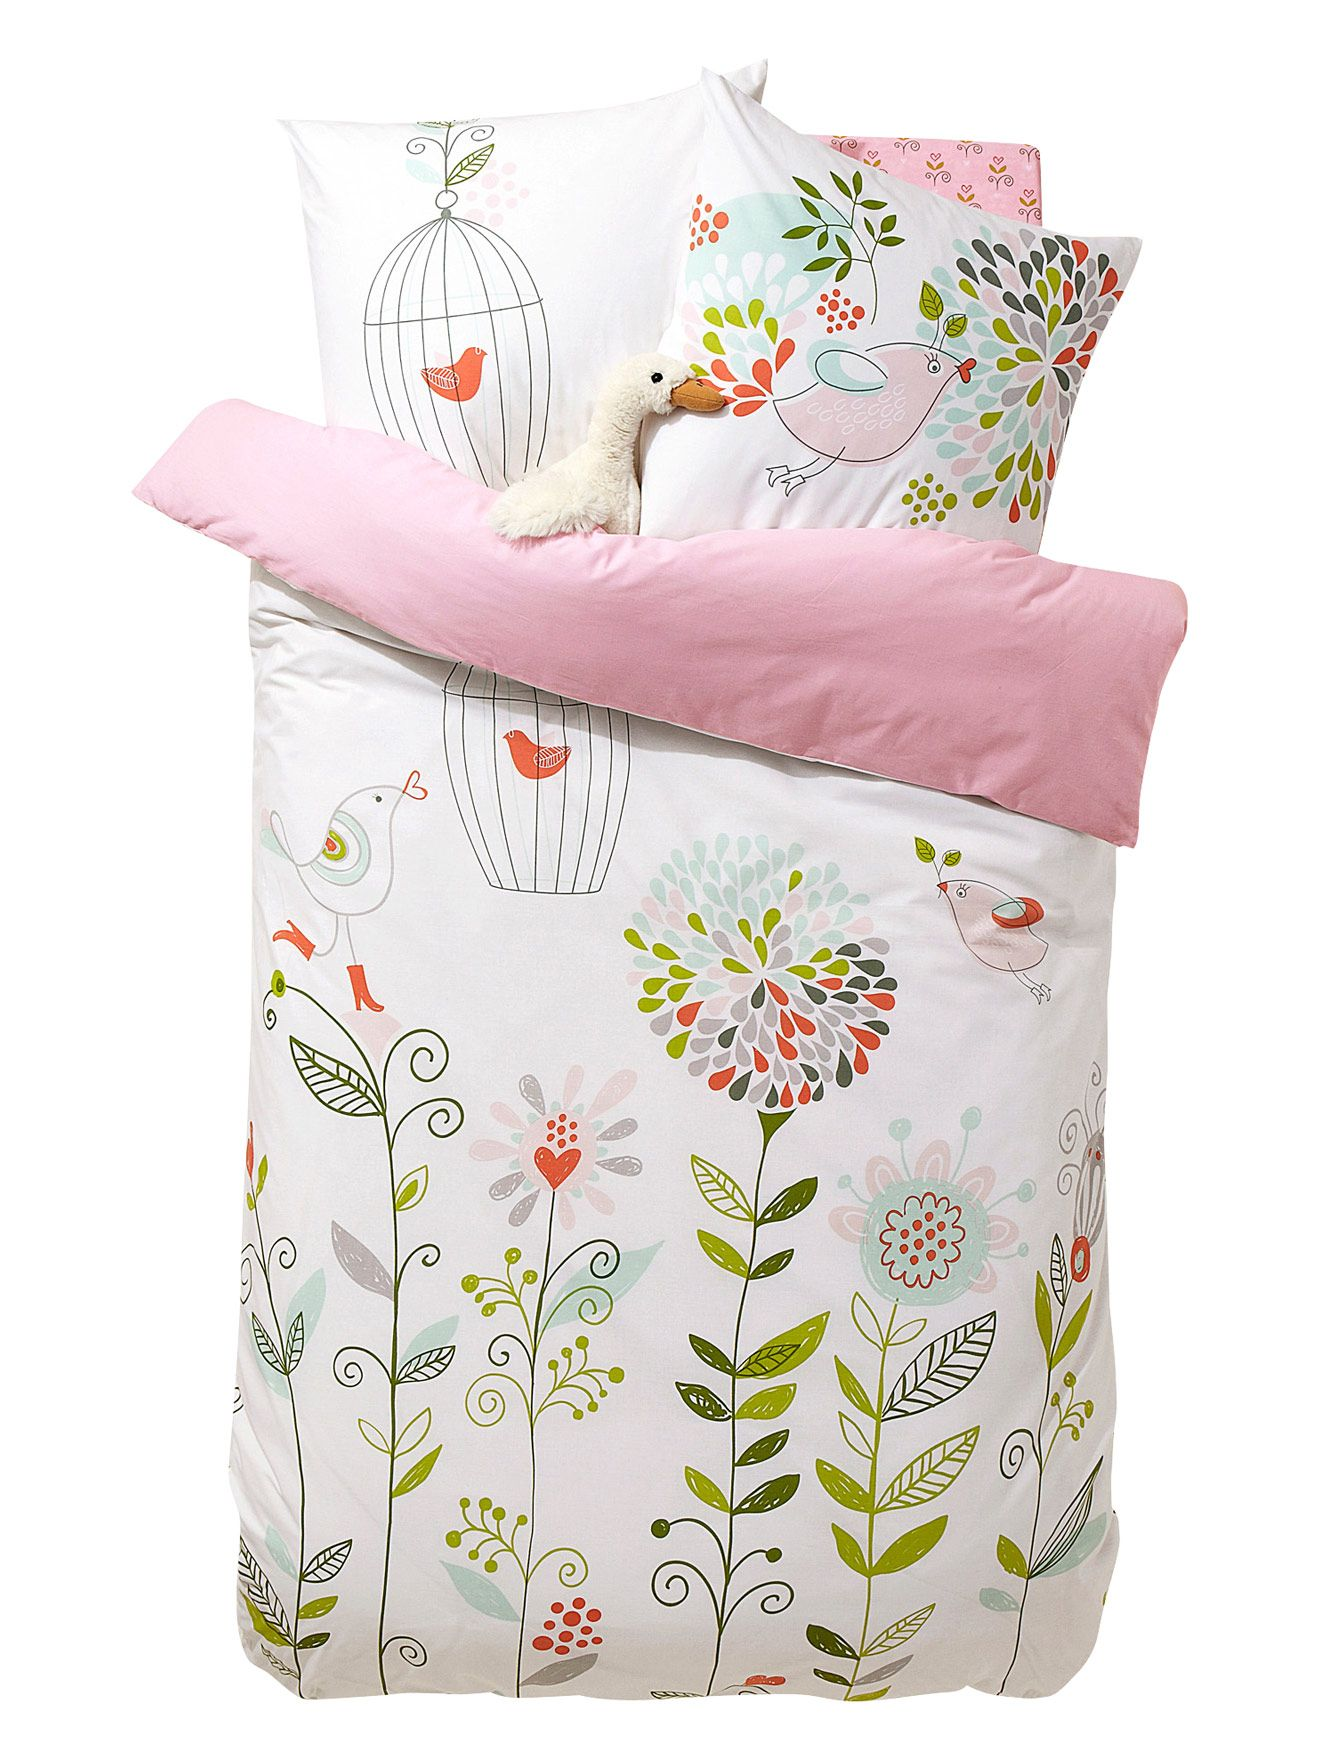 Kinder Bettwäsche-Set Riesenblumen verbaudet | Pia Kinderzimmer ...